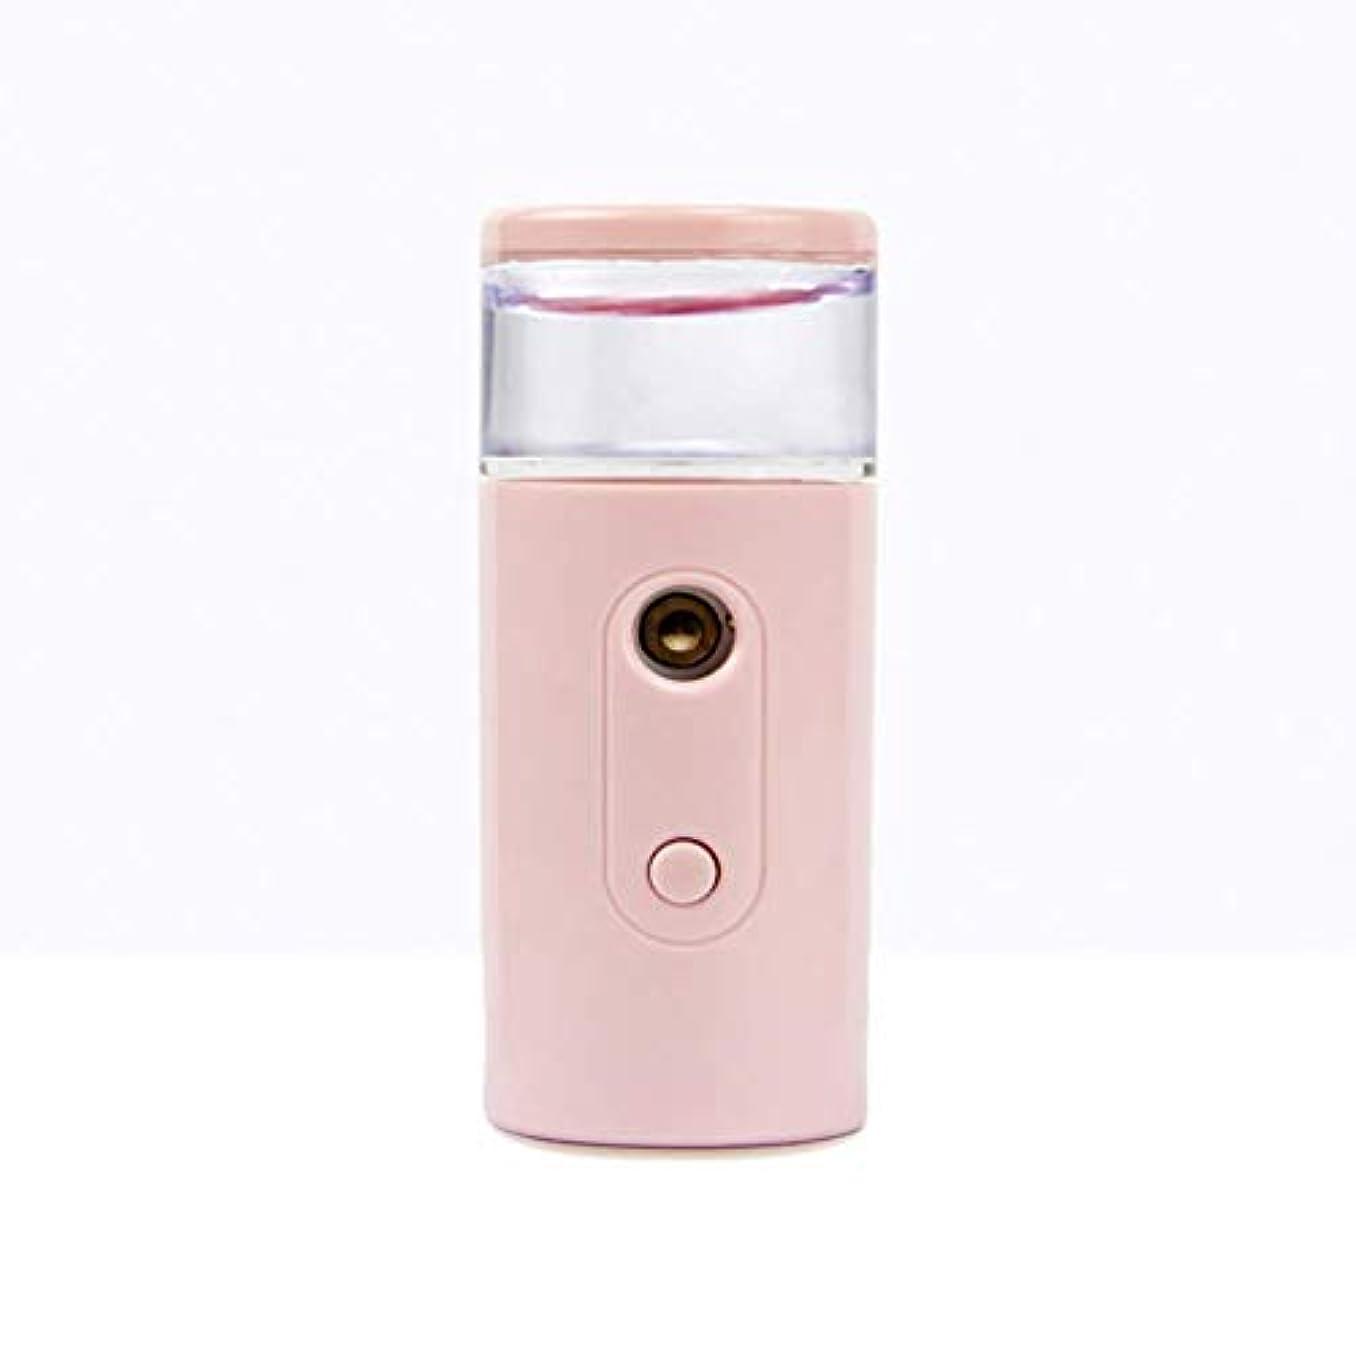 無許可九なんとなくNano Facial Mister、30ml視覚的水タンクを備えた充電式フェイシャルスチーマー、スキンケア、旅行用保湿&保湿